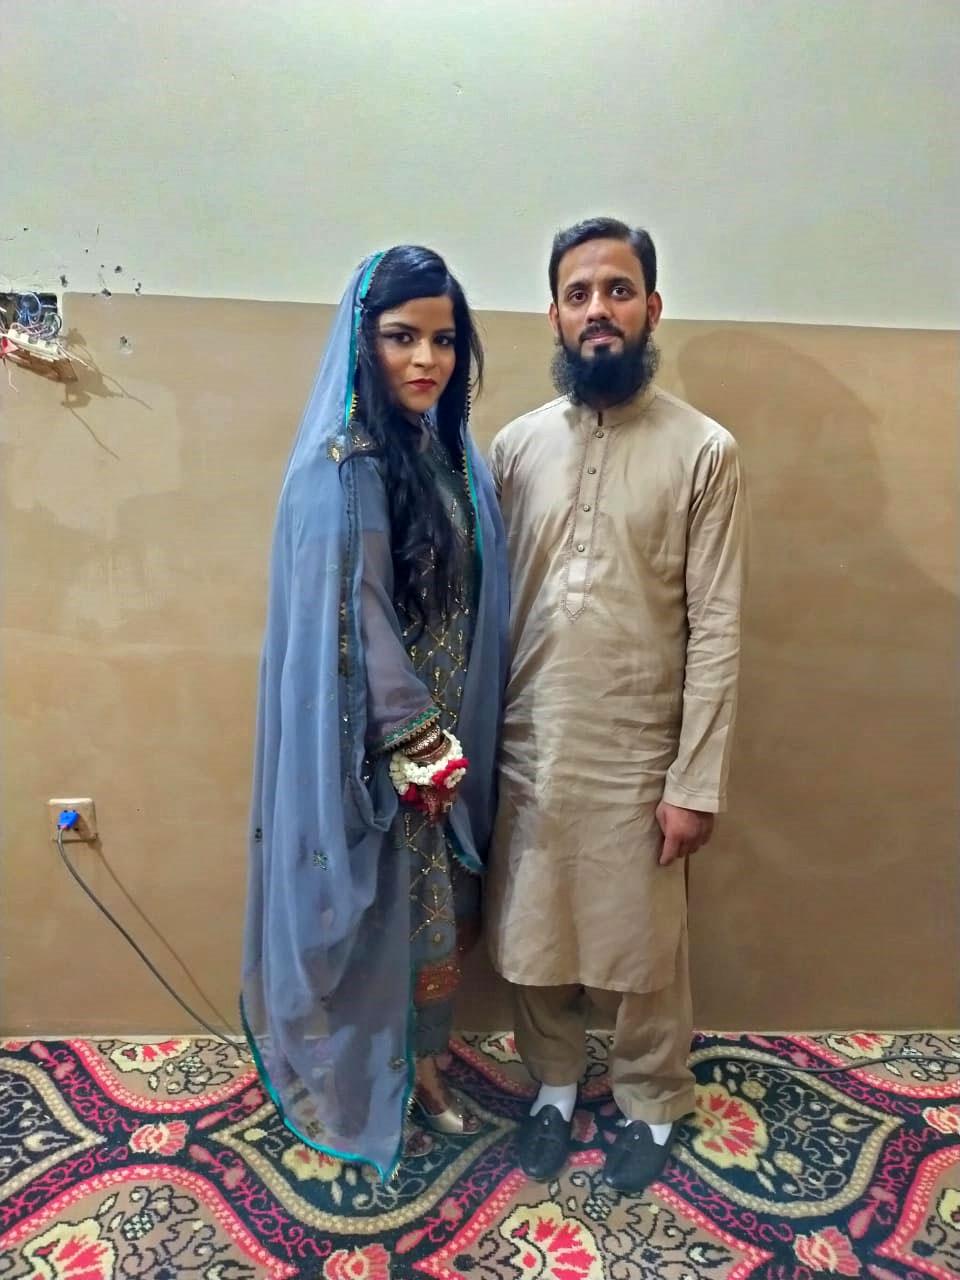 Umaima Abdul Bari (Bride), Muhammad Zubair Sultani (Groom)